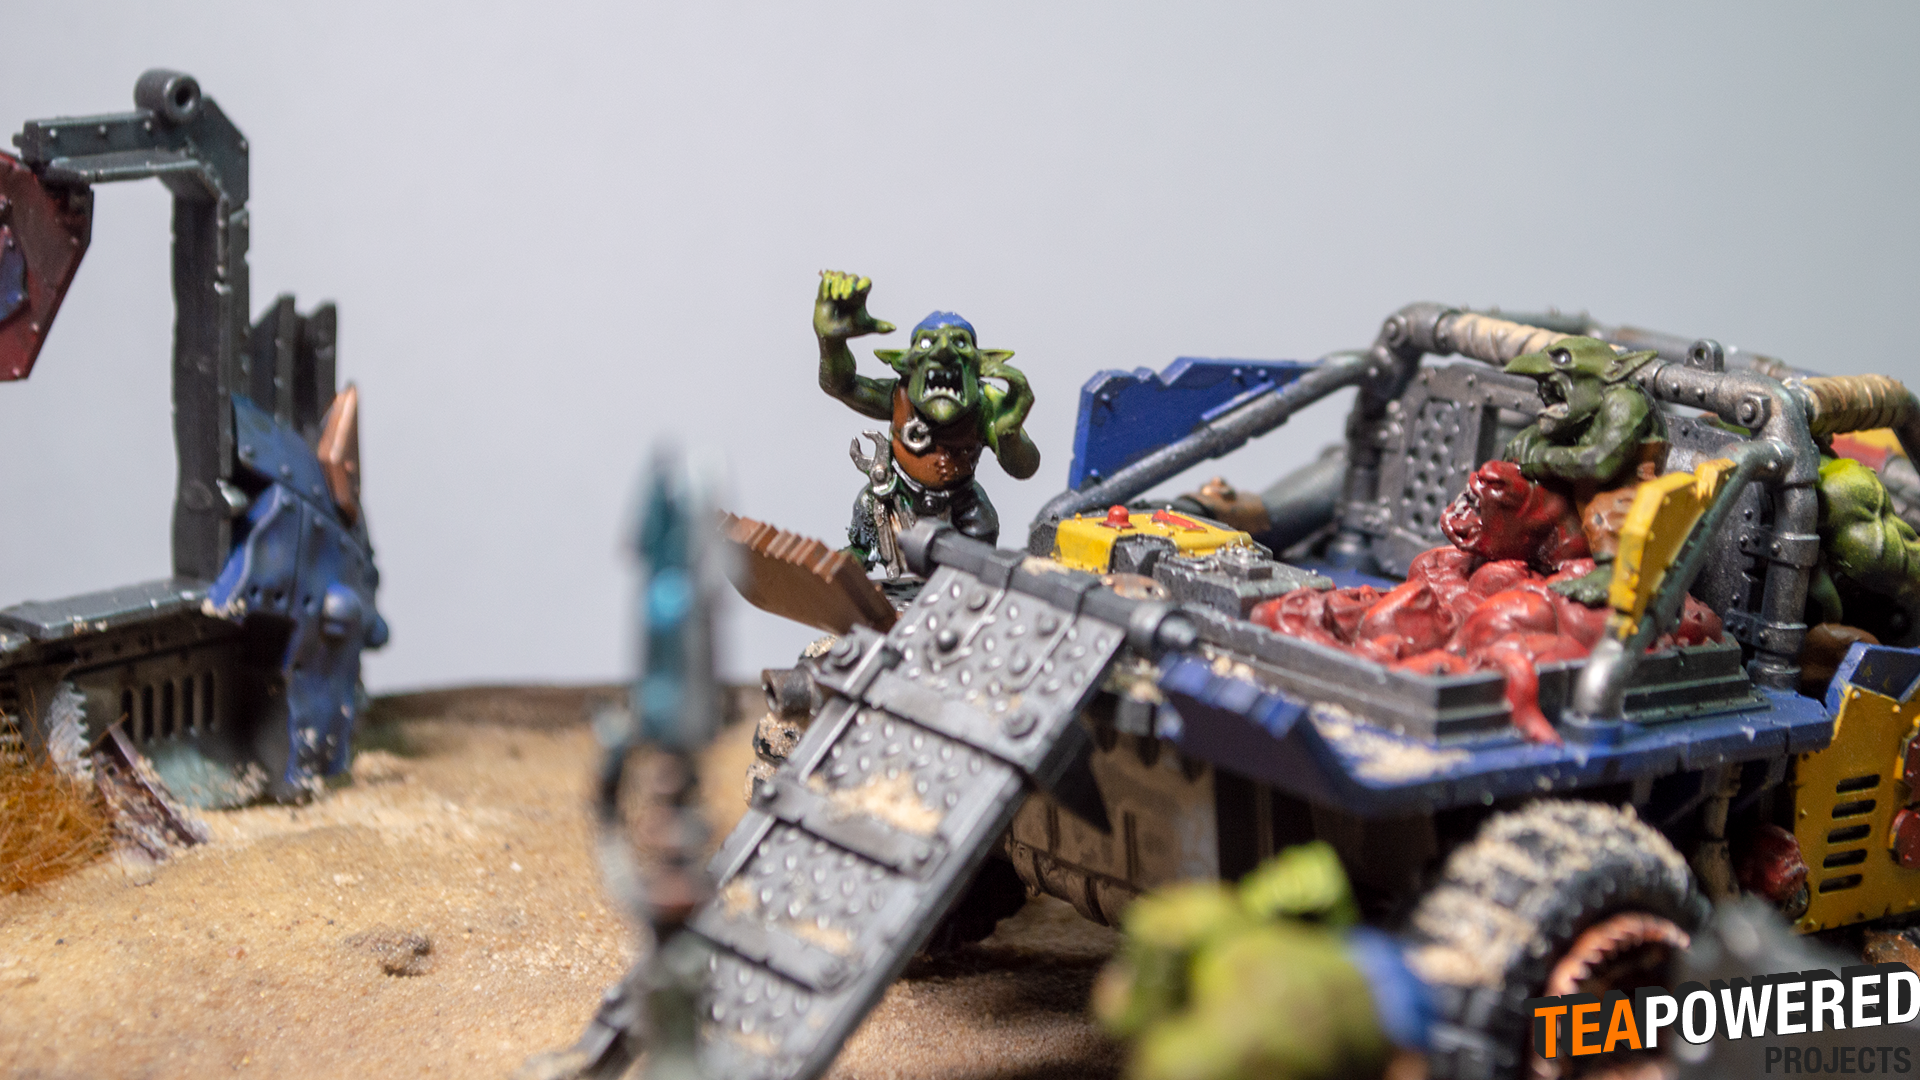 Diorama, Gretchen, Orks, Squigs, Warhammer 40,000